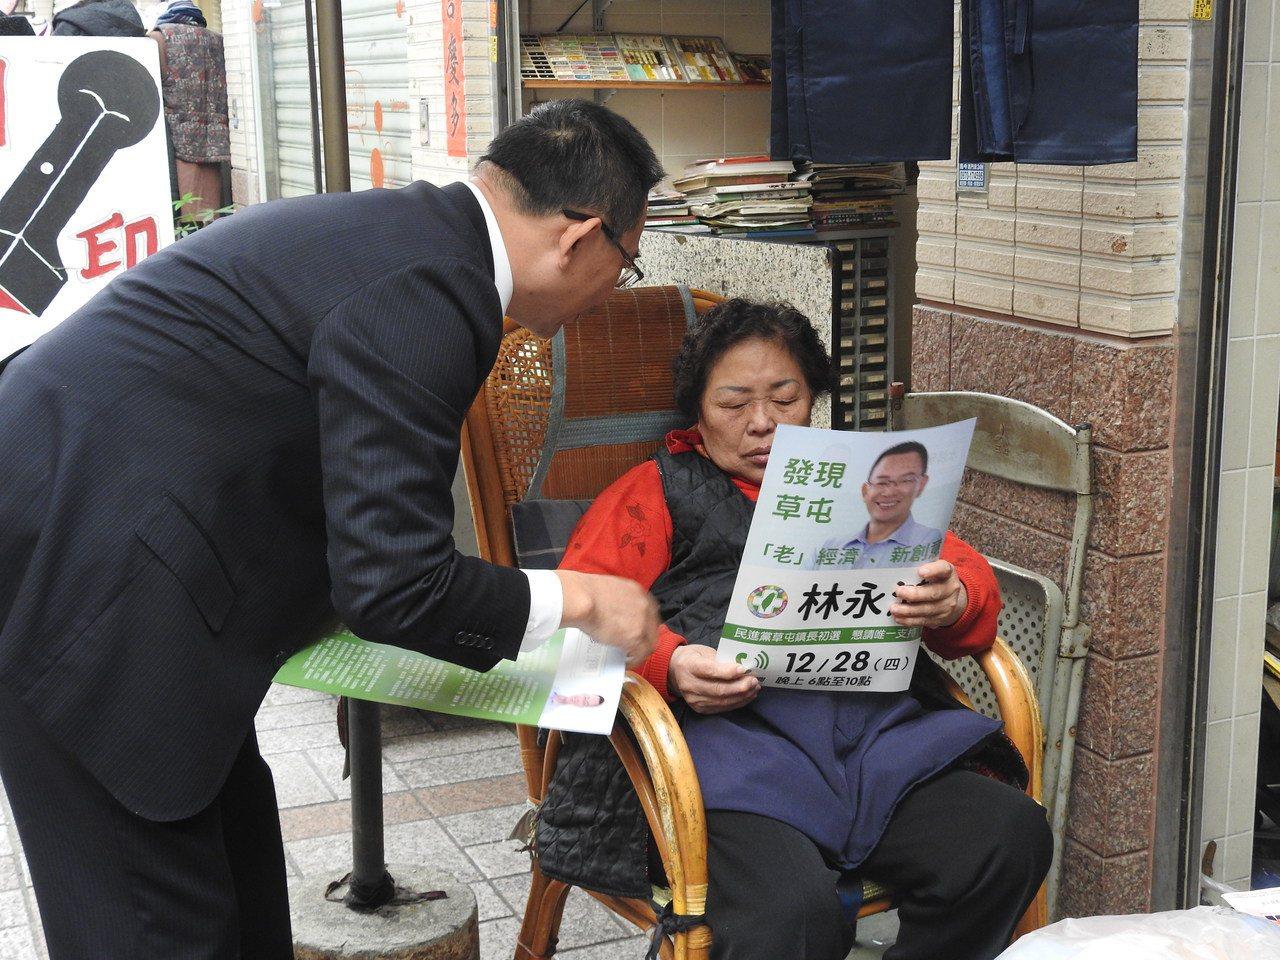 綠營黨內初選民調在即,有意參選草屯鎮長的議員林永鴻今沿街拜票尋求鎮民支持。記者賴...